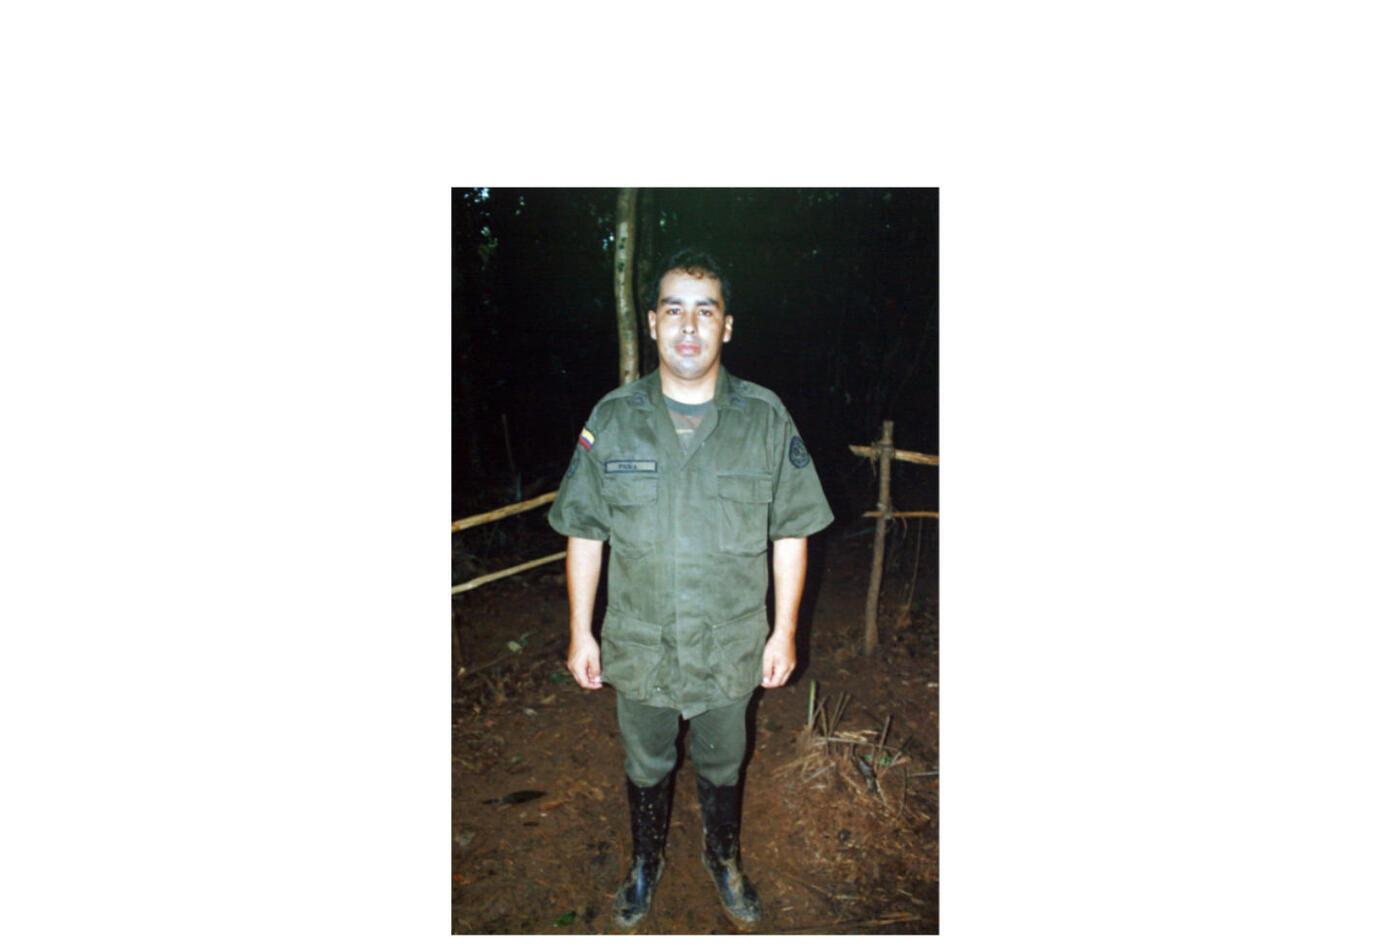 El intendente Luis Hernando Peña Bonilla en condición de secuestrado